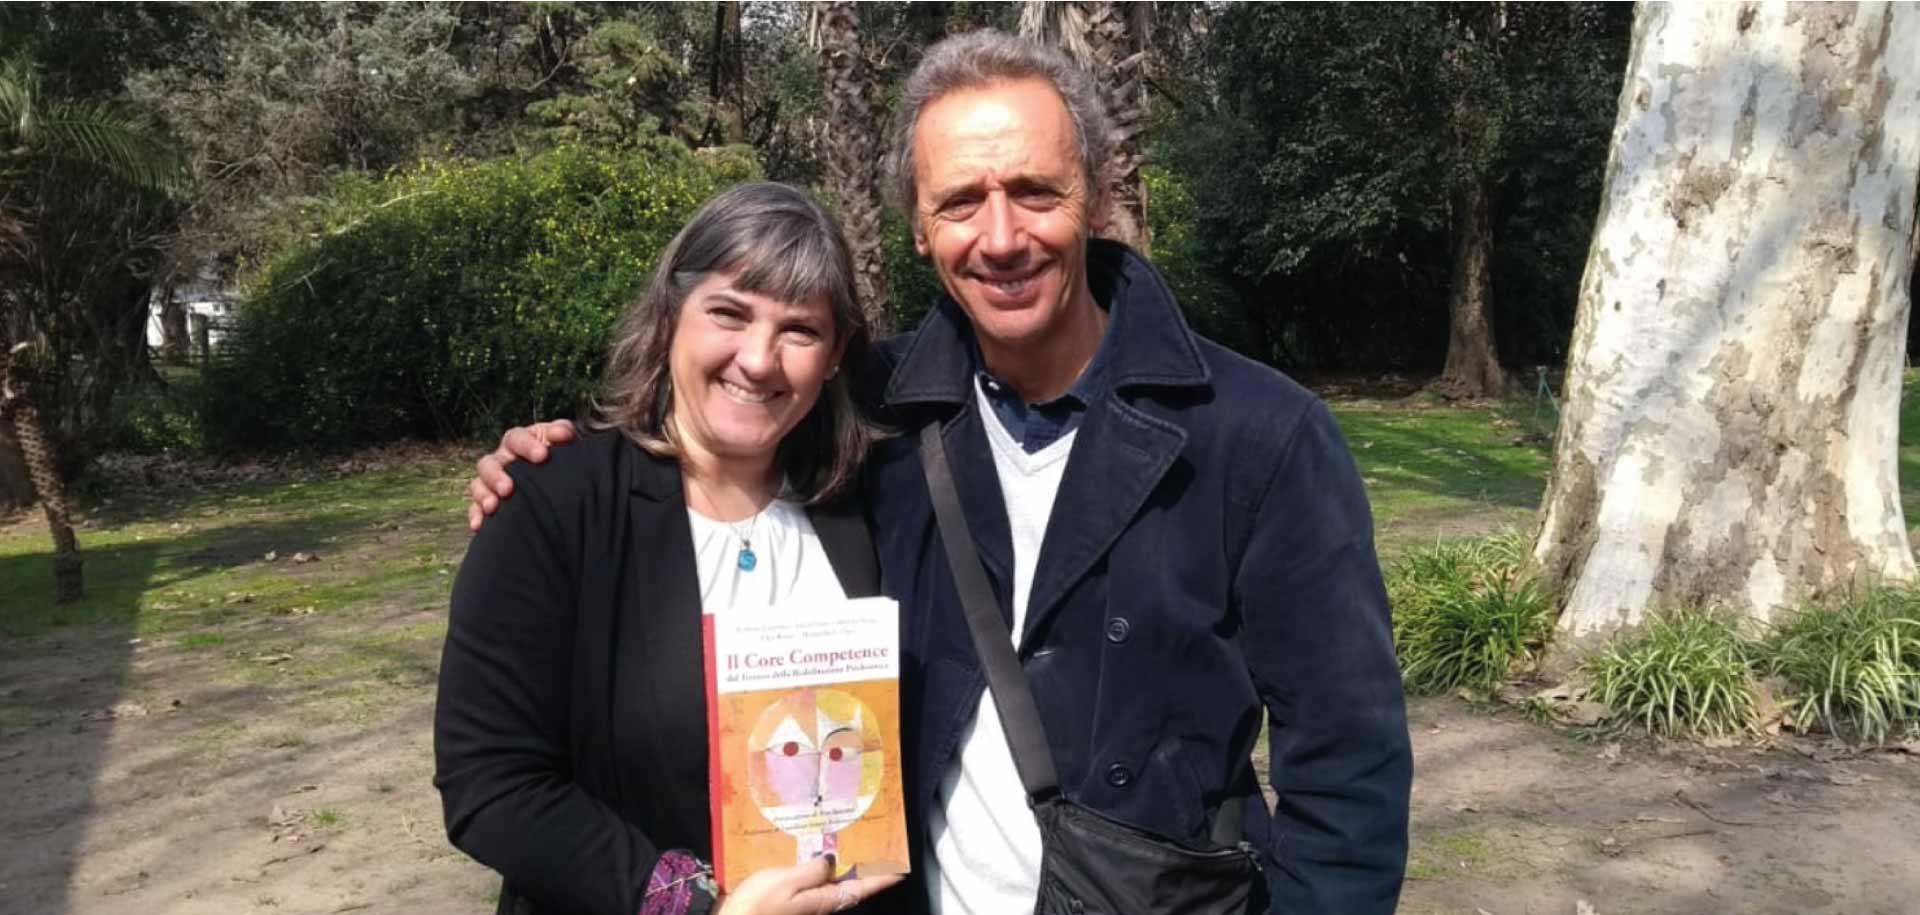 Il Core Competence vola in Argentina: Focus sulla riabilitazione psichiatrica e sul TeRP